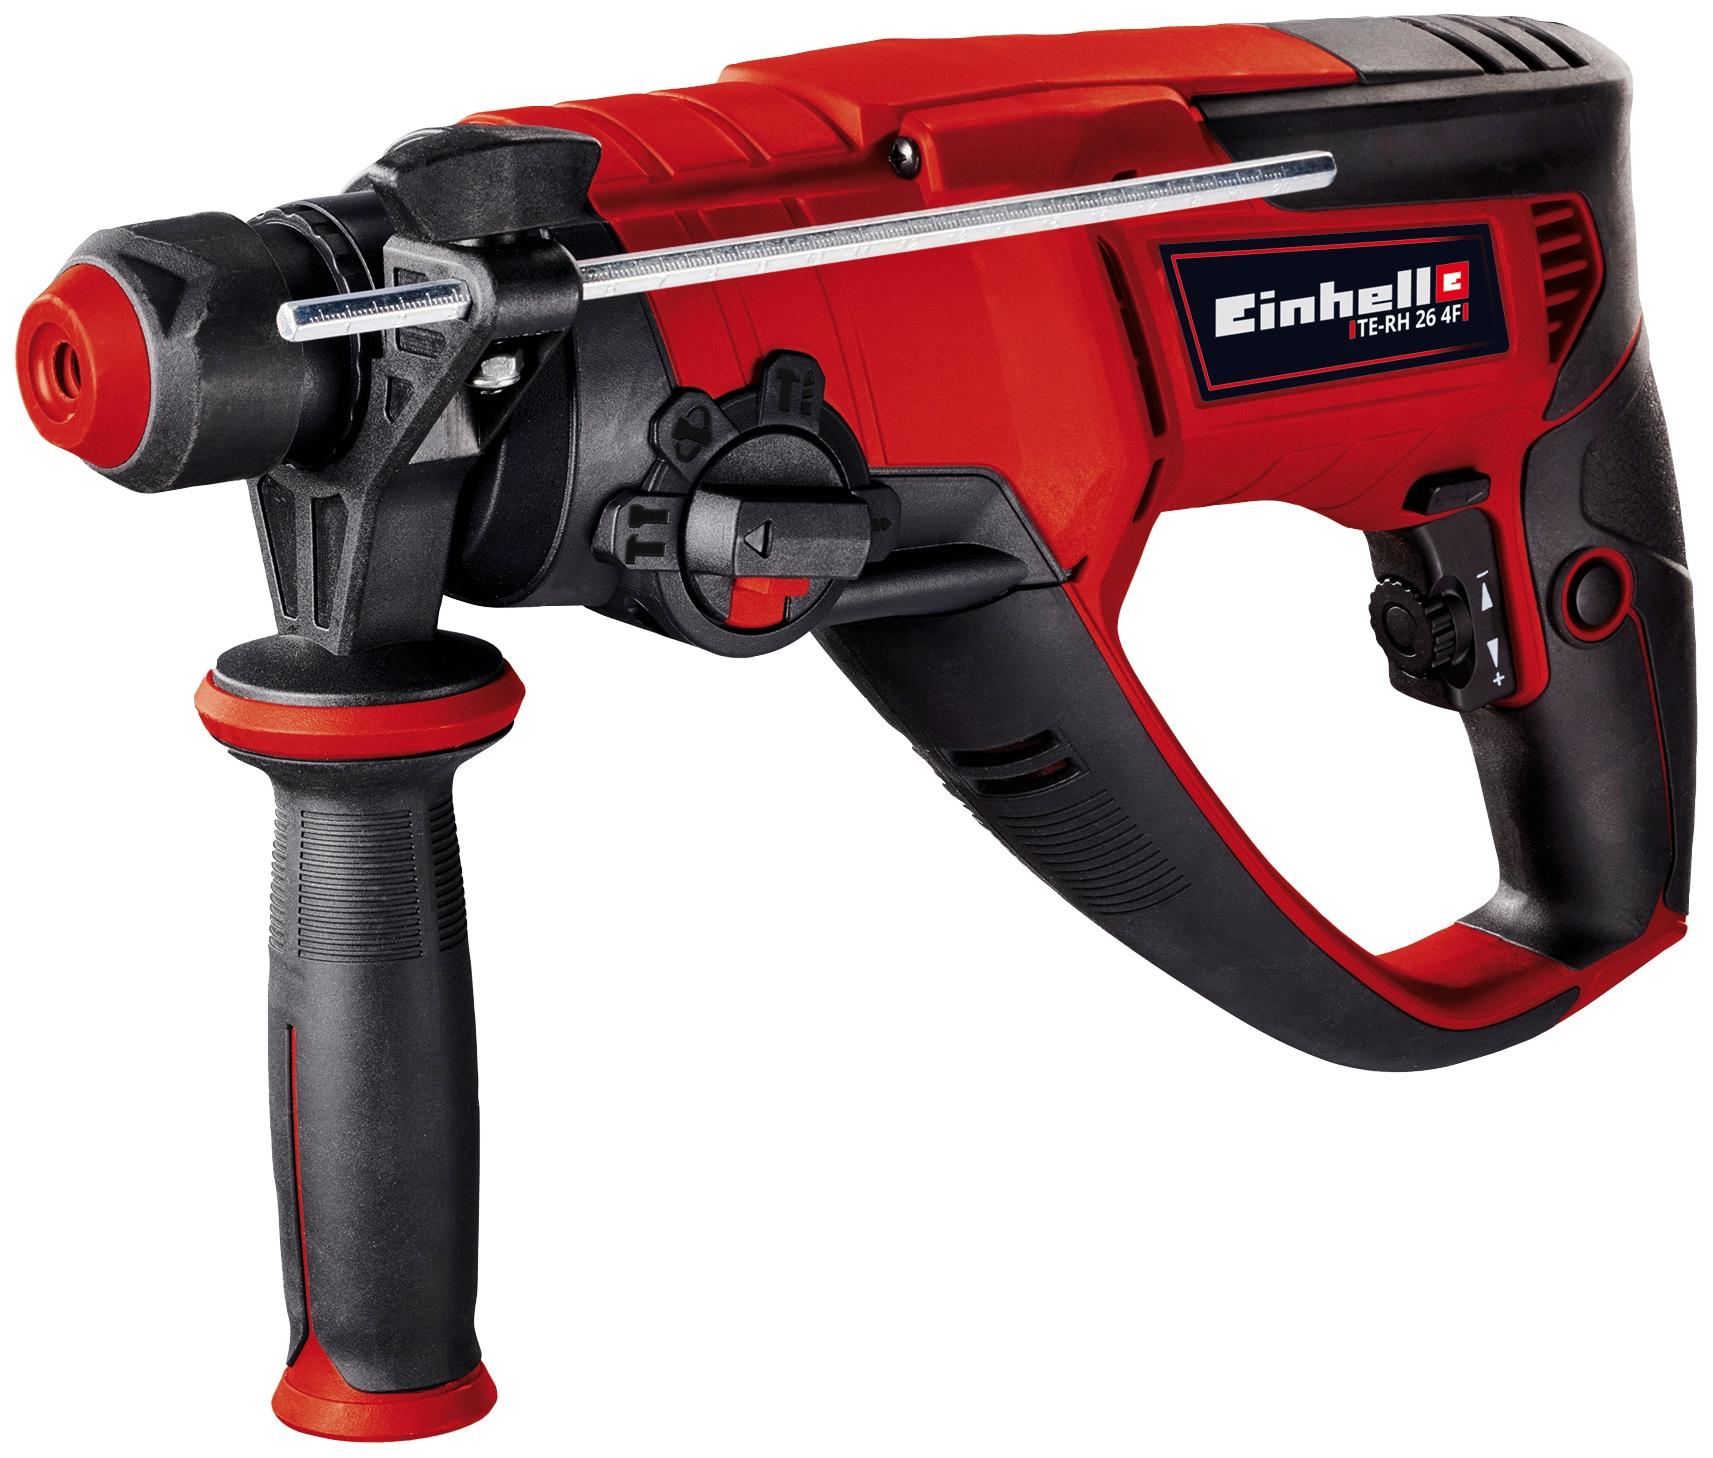 Einhell Bohrhammer TE-RH 26 4F rot Bohrmaschinen Werkzeug Maschinen